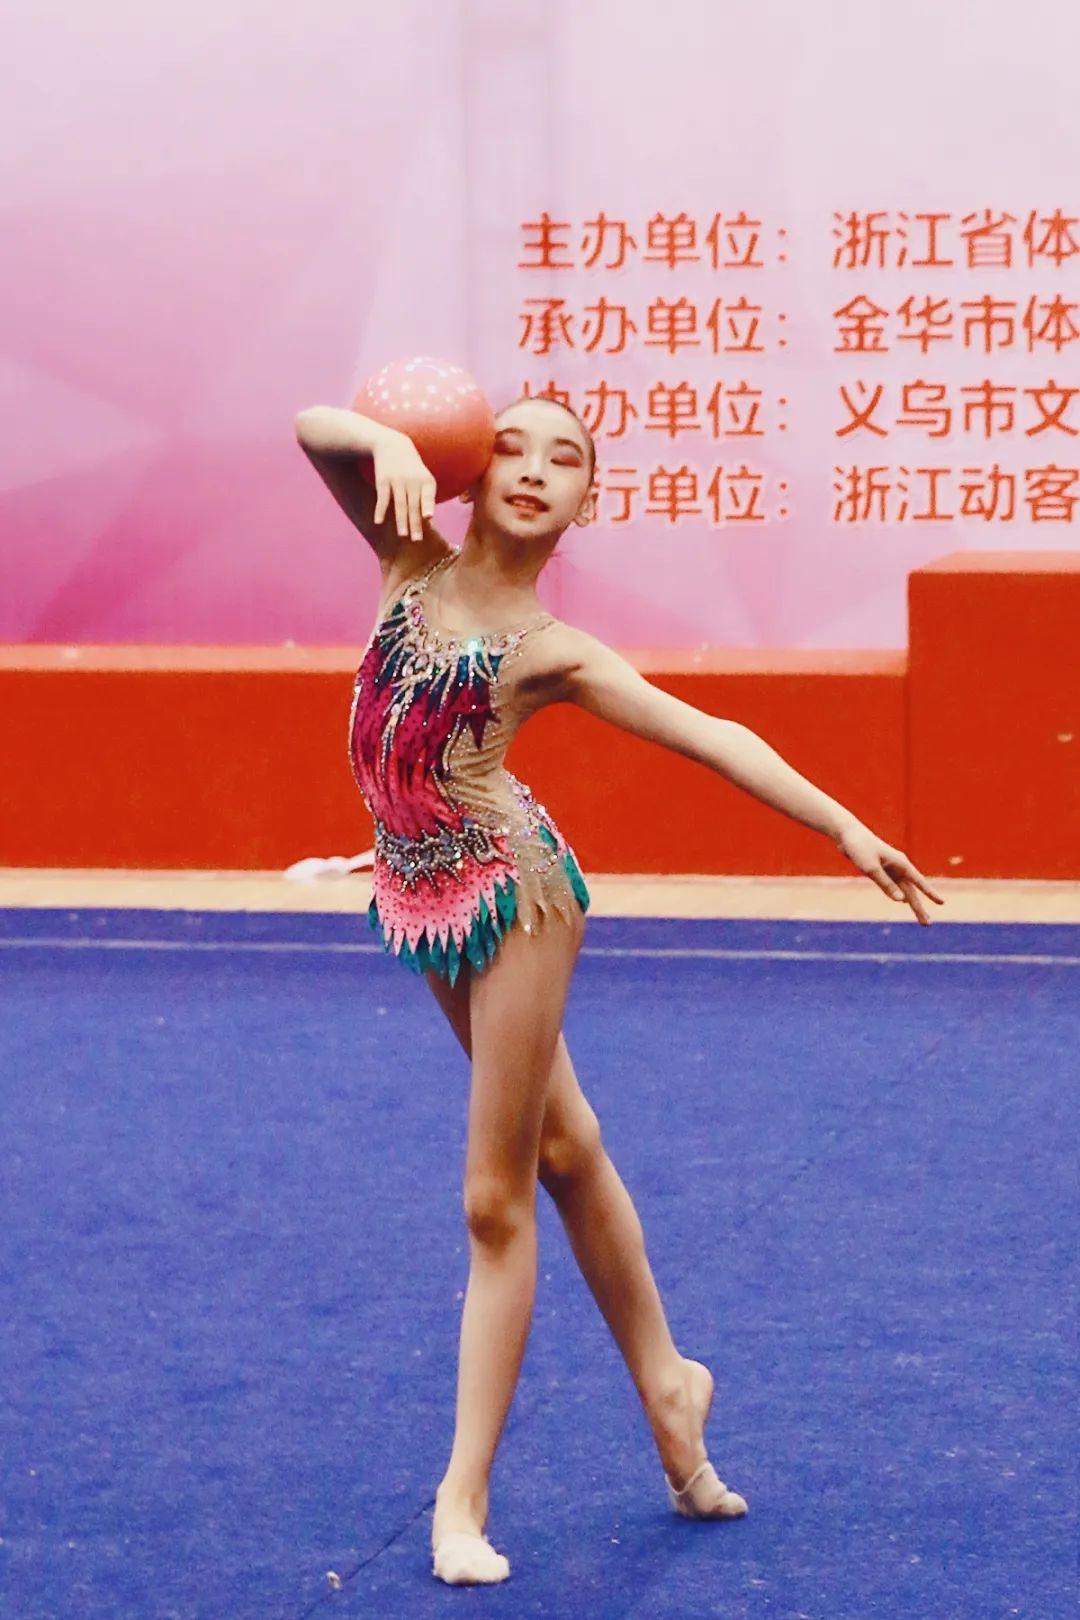 艺术体操项目 招收4.5周岁以上女生插图(2)